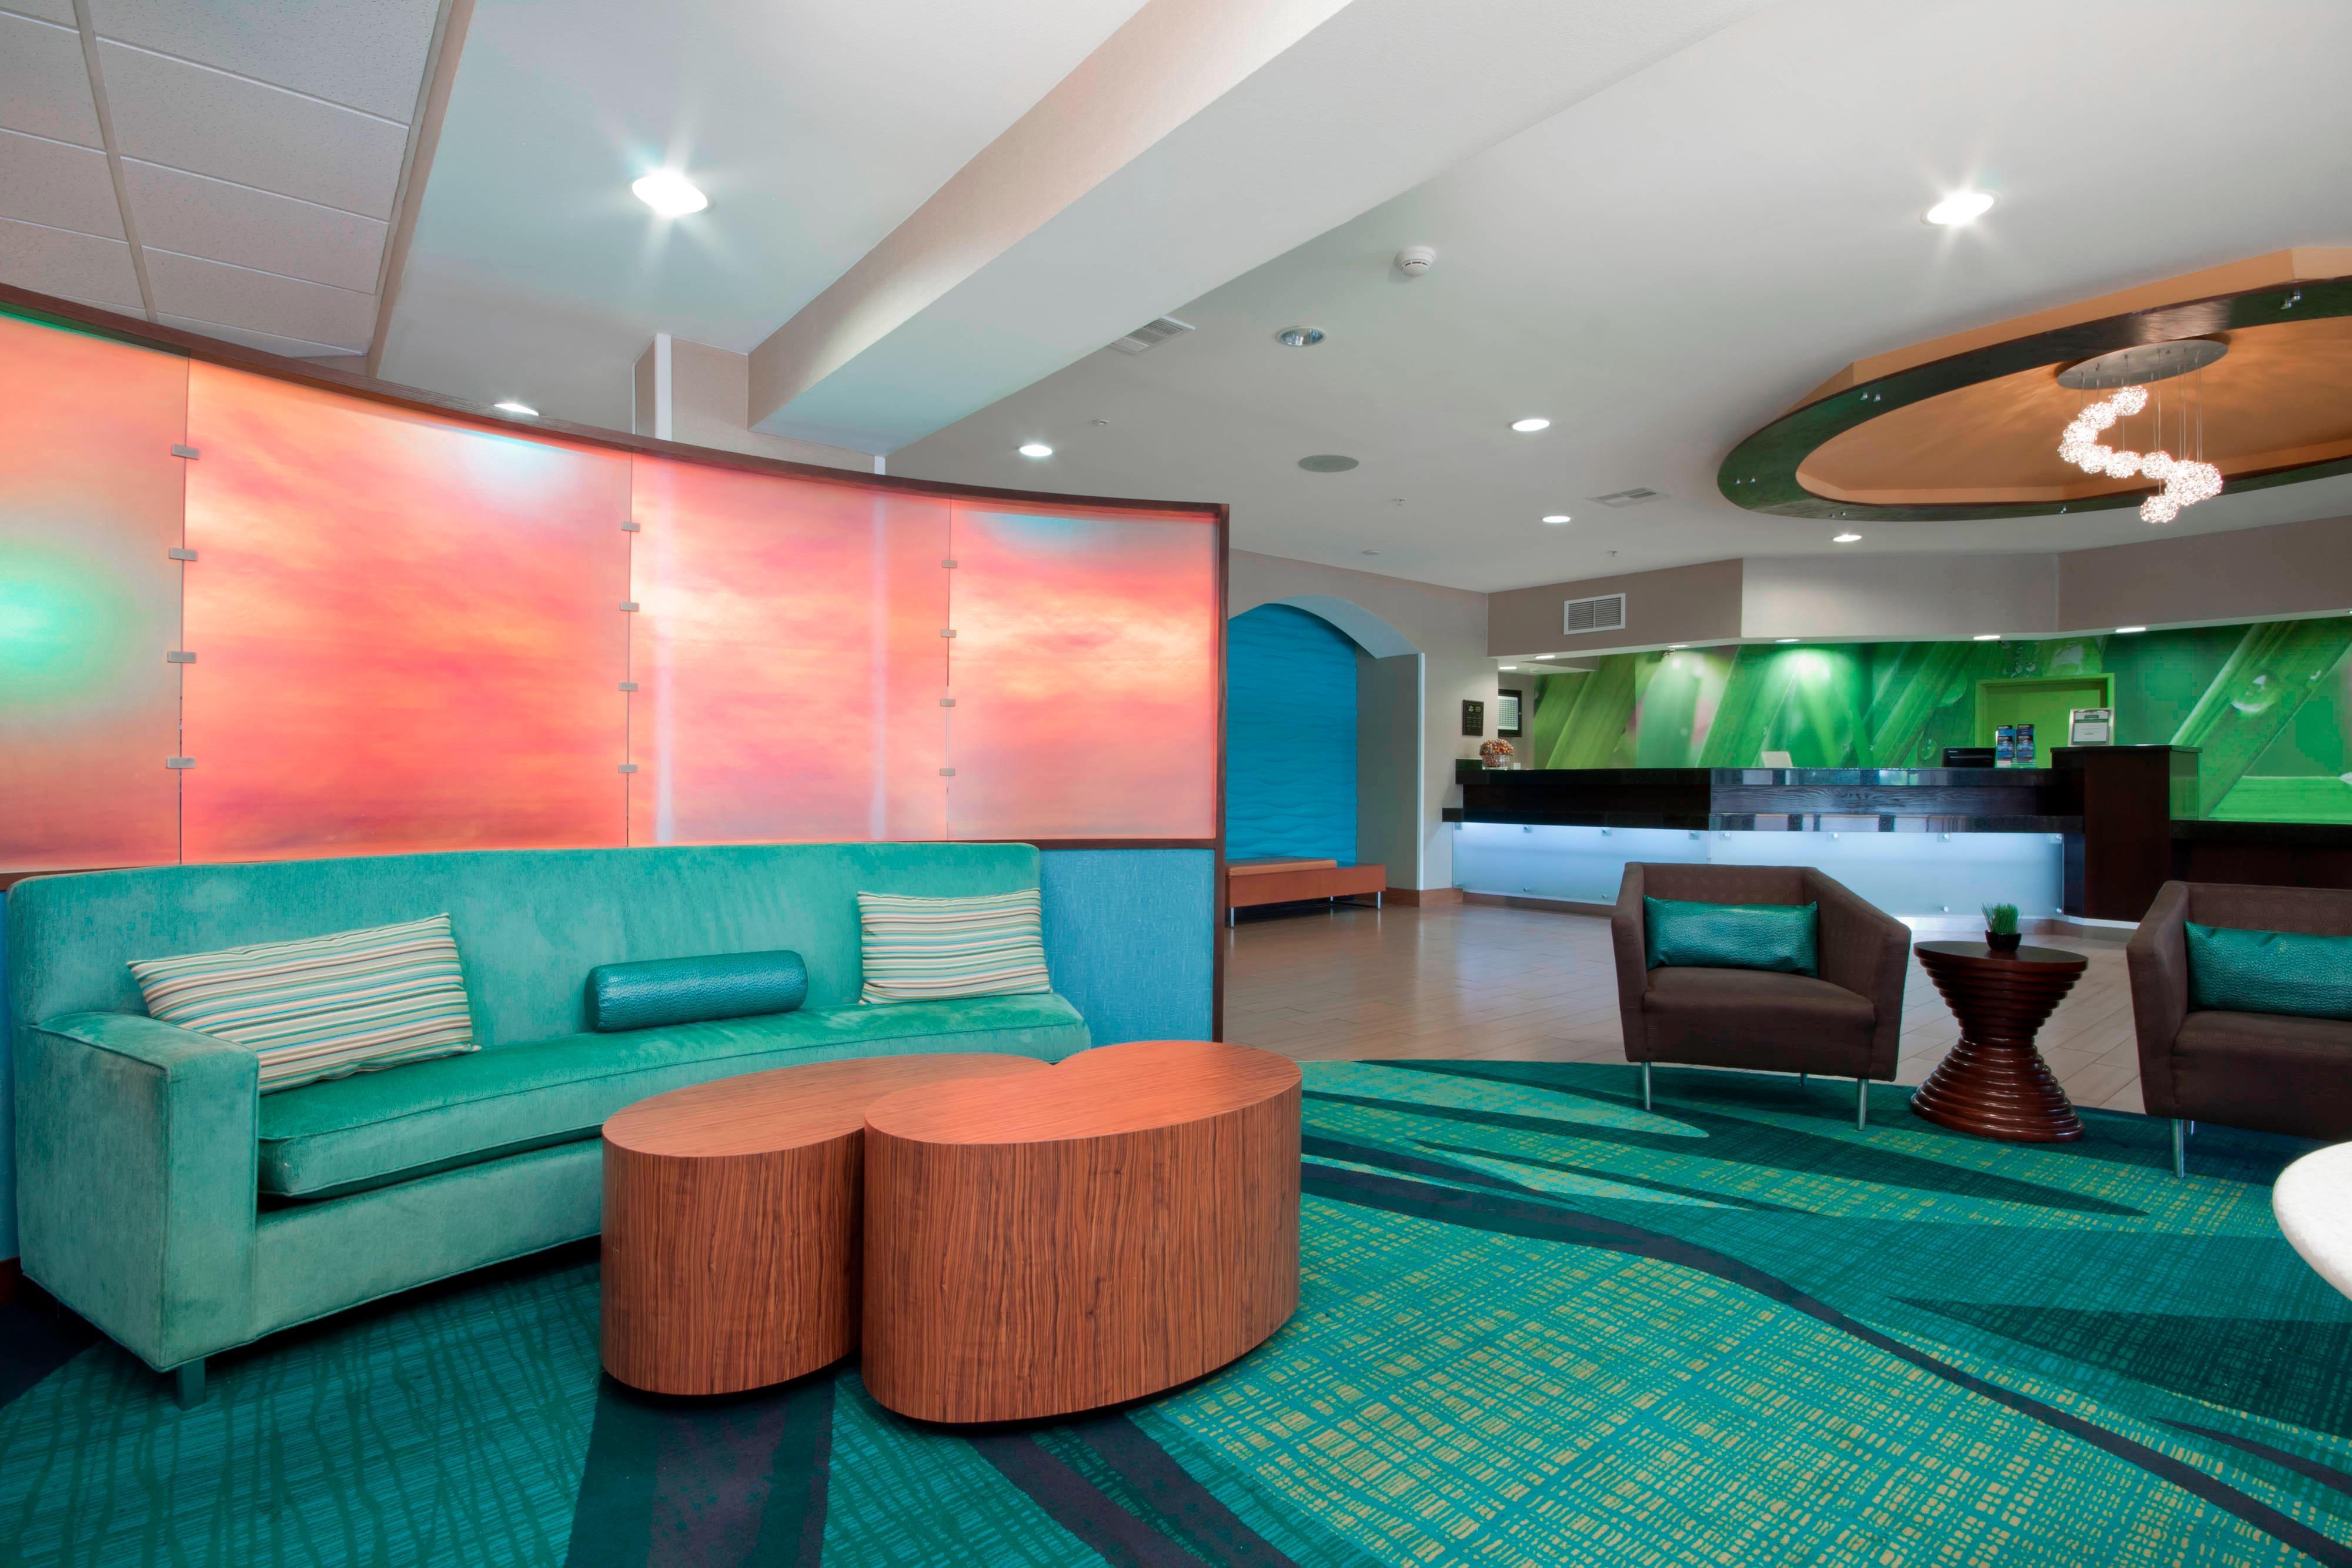 Tulsa Oklahoma Hotel Lobby Seating